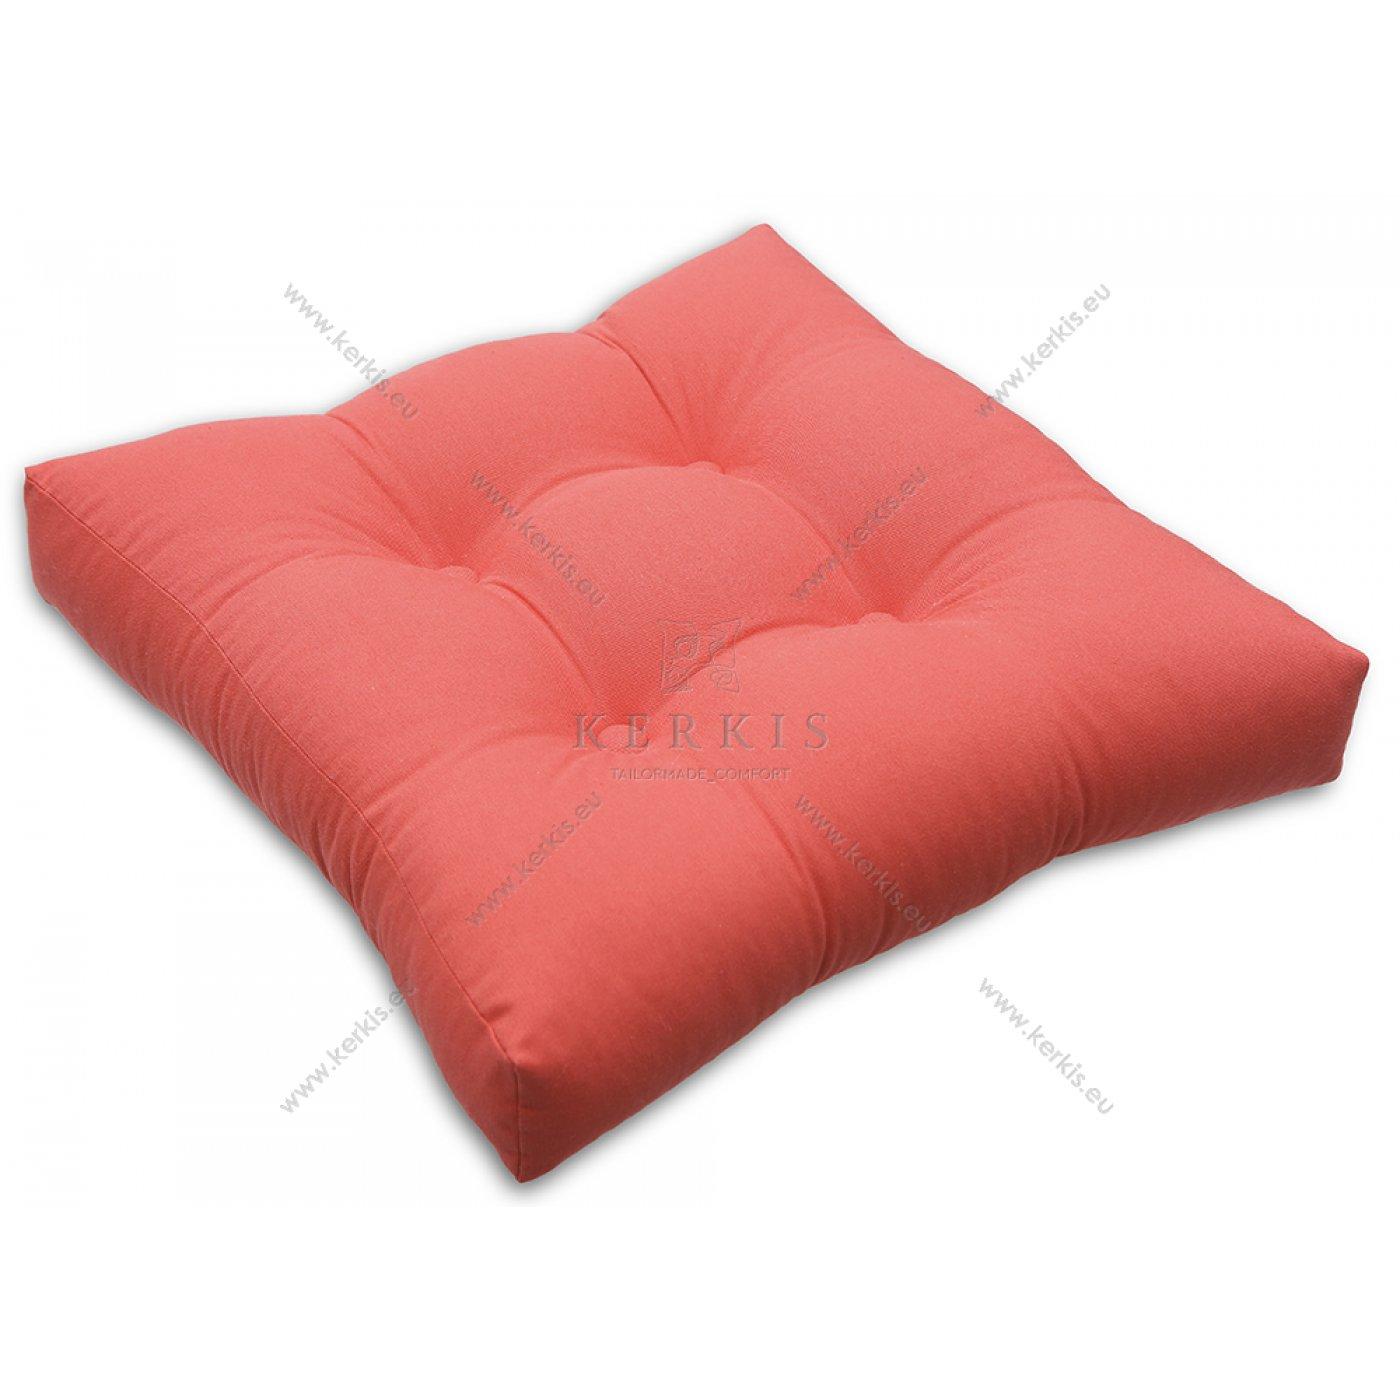 Μαξιλάρι με διακοσμητικά κουμπιά κοραλλί